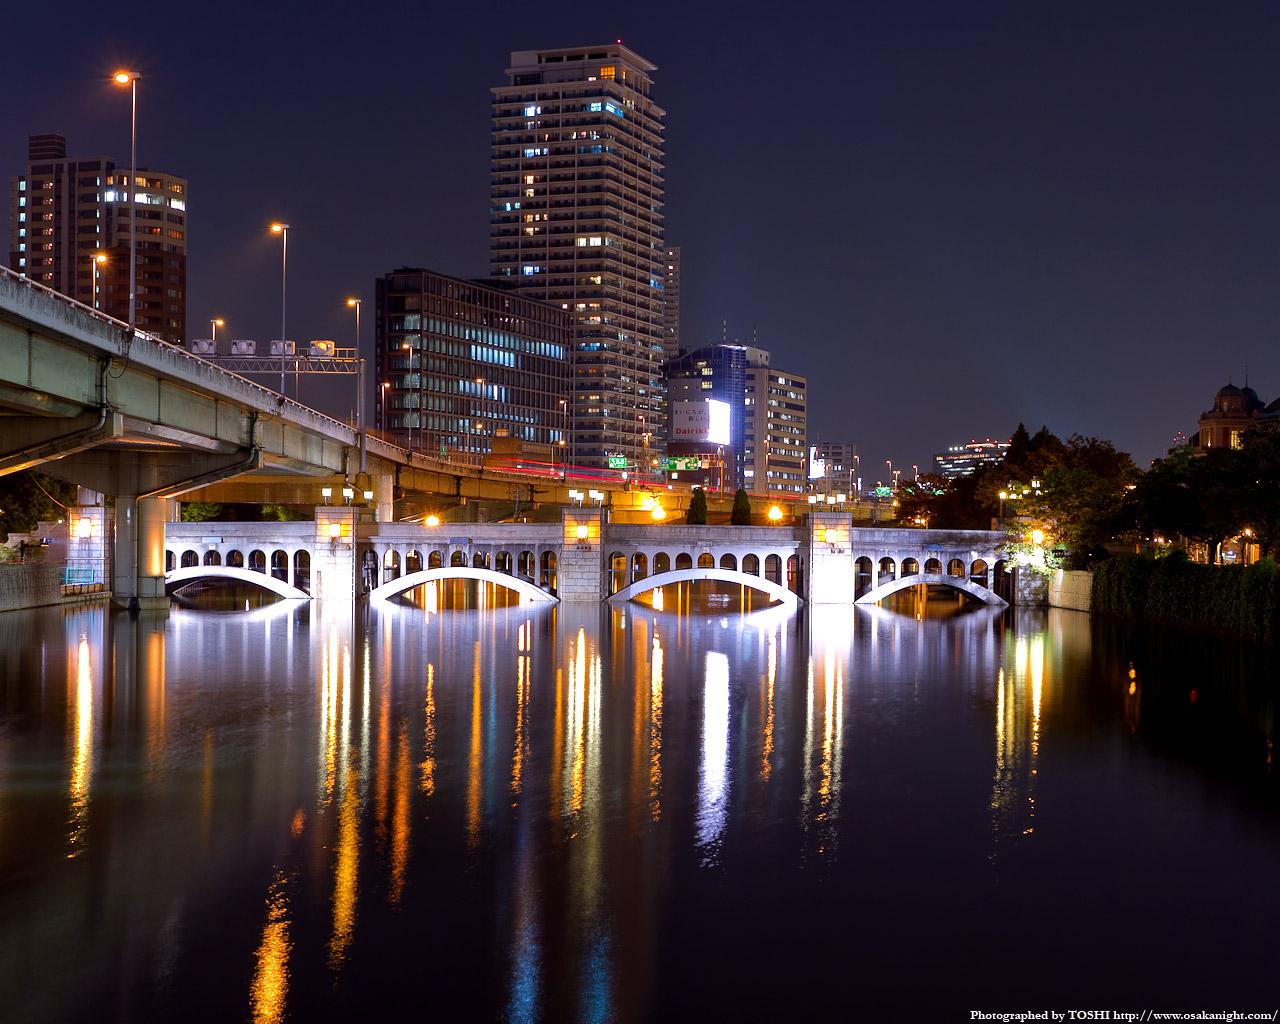 水晶橋のライトアップ夜景4